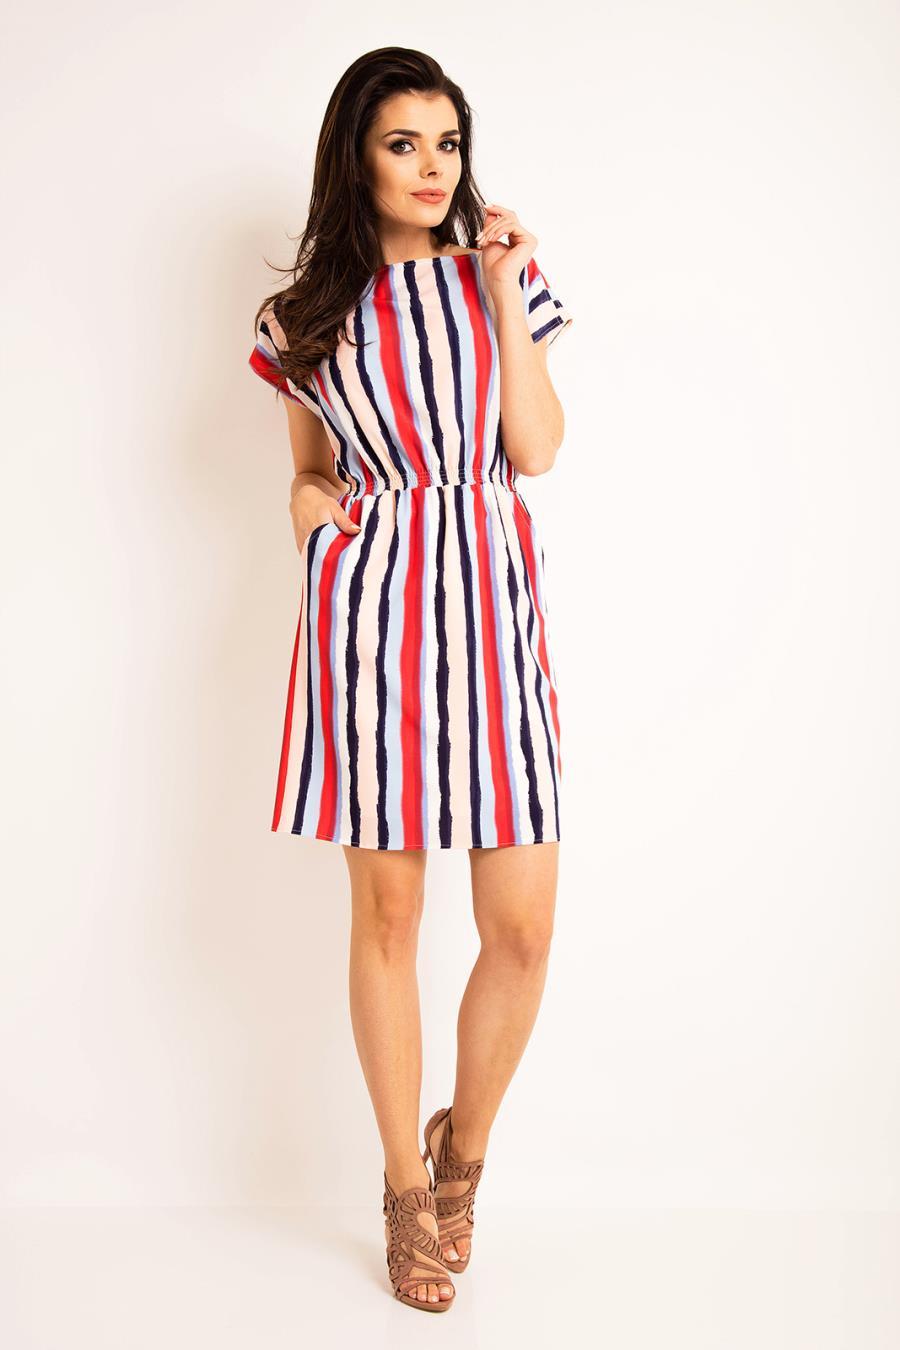 9762b88dcbe907 sukienki, letnie, kolorowe, wiosenne, sklep, online, besima, ...